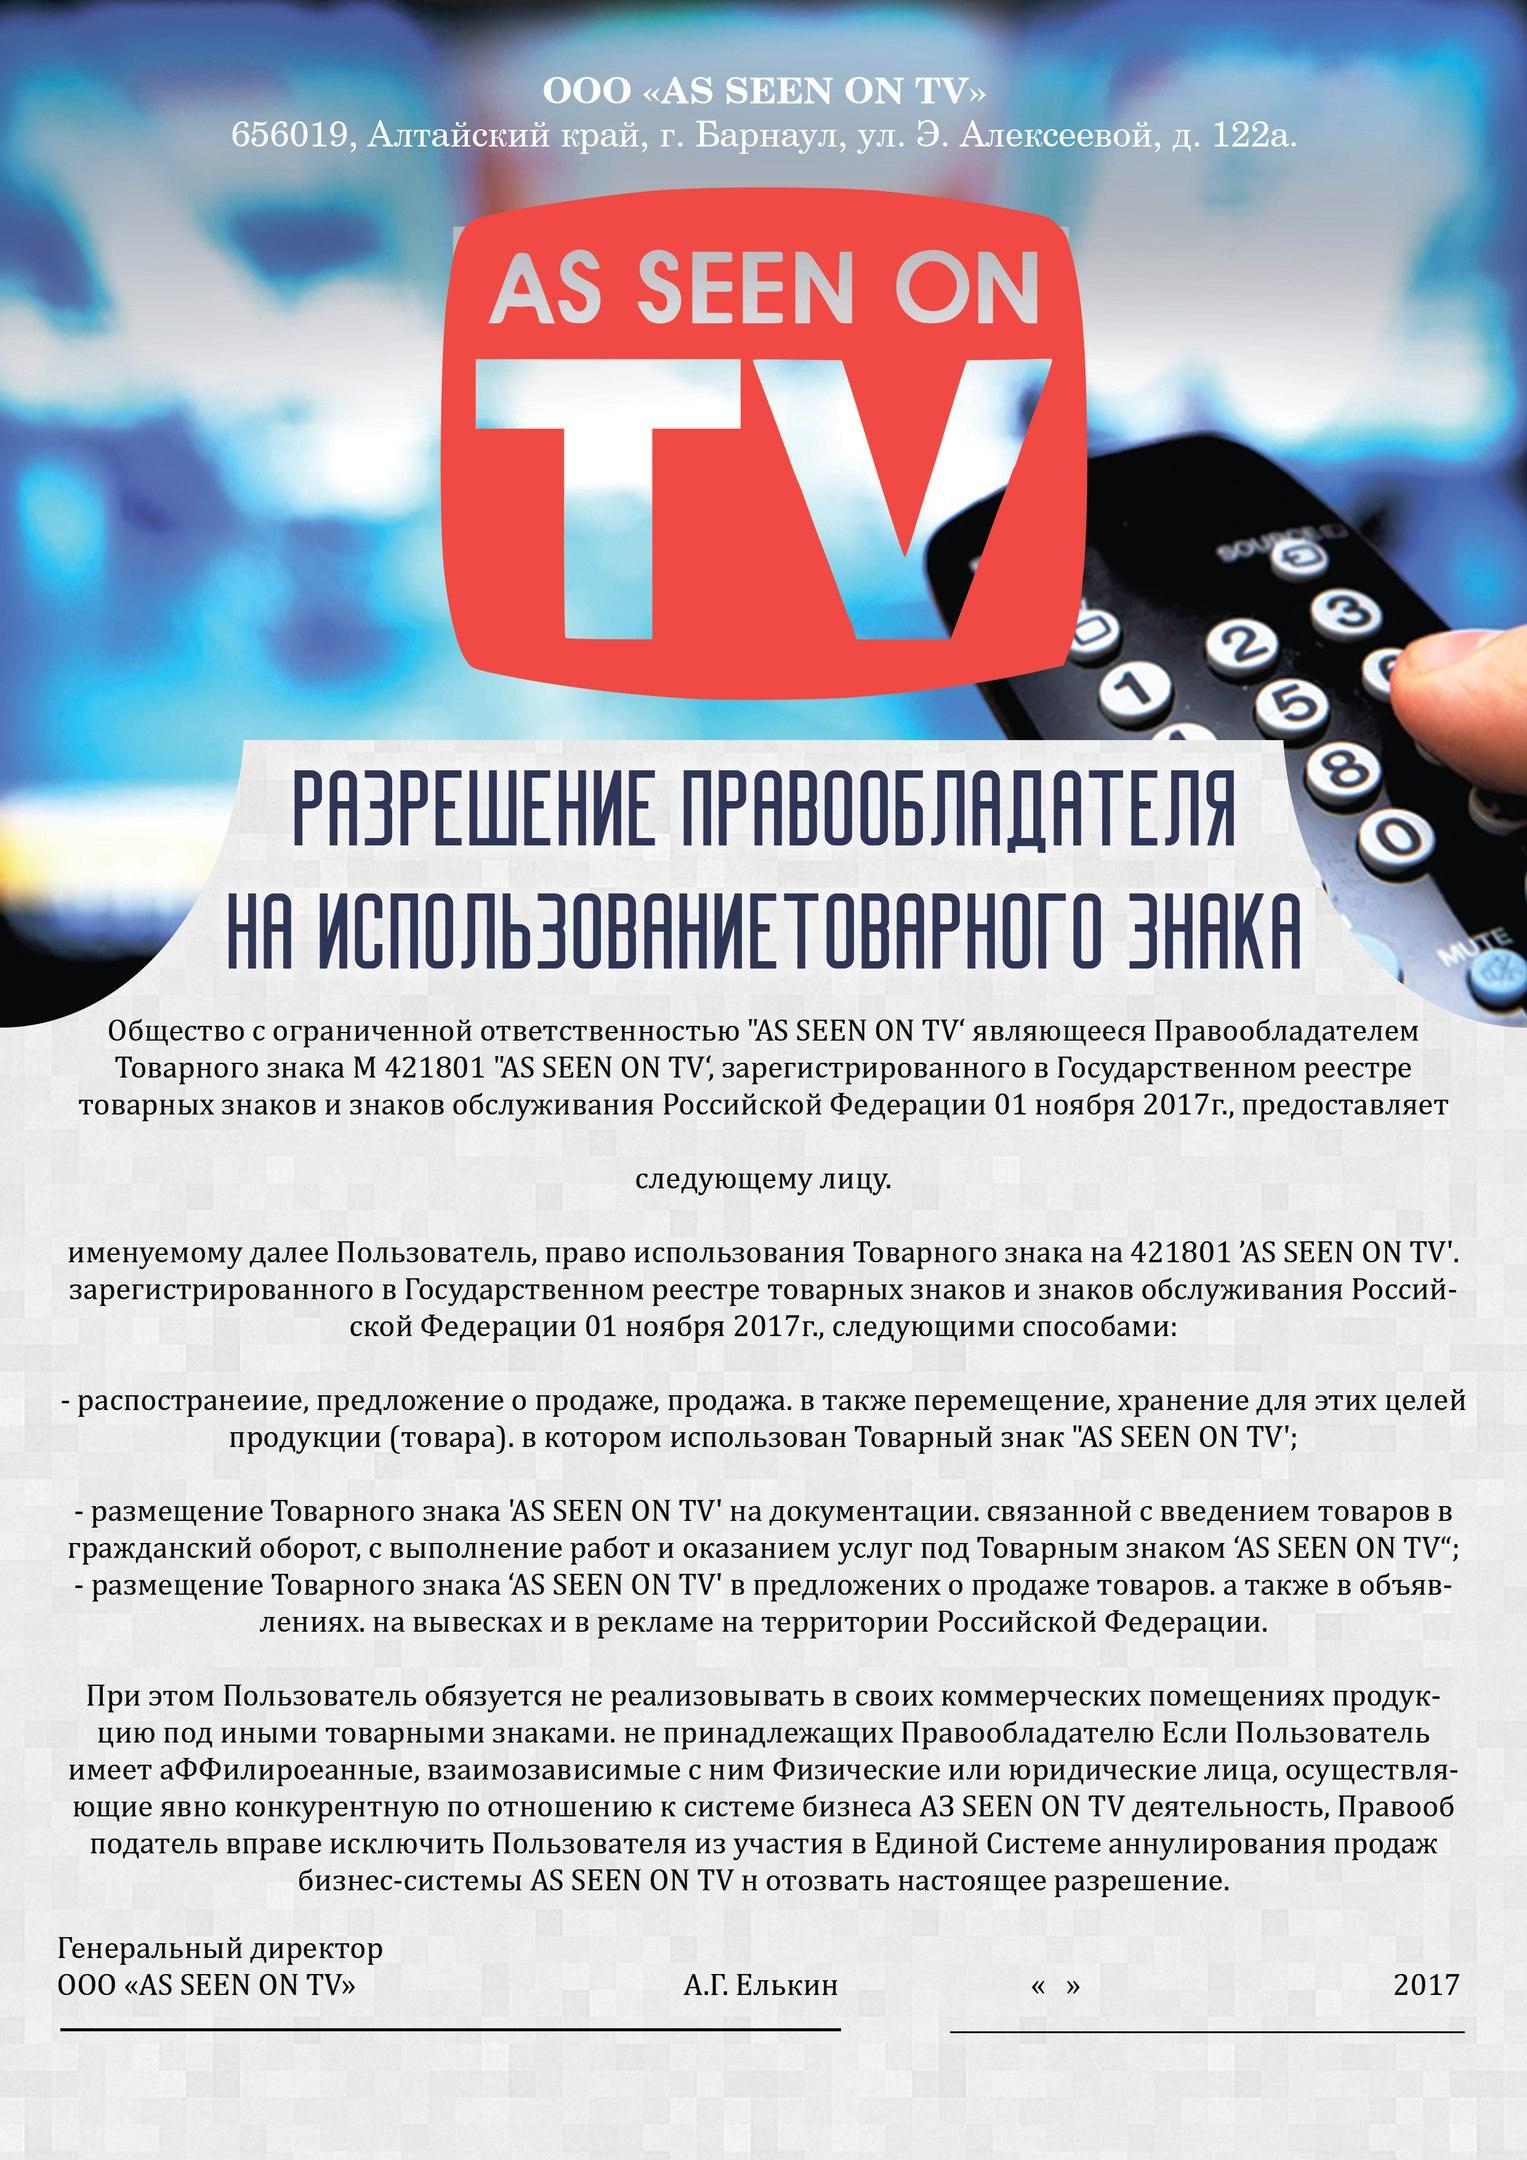 Дизайн  листовки А4 (разрешения правообладателя) фото f_70359ebef253ebae.jpg